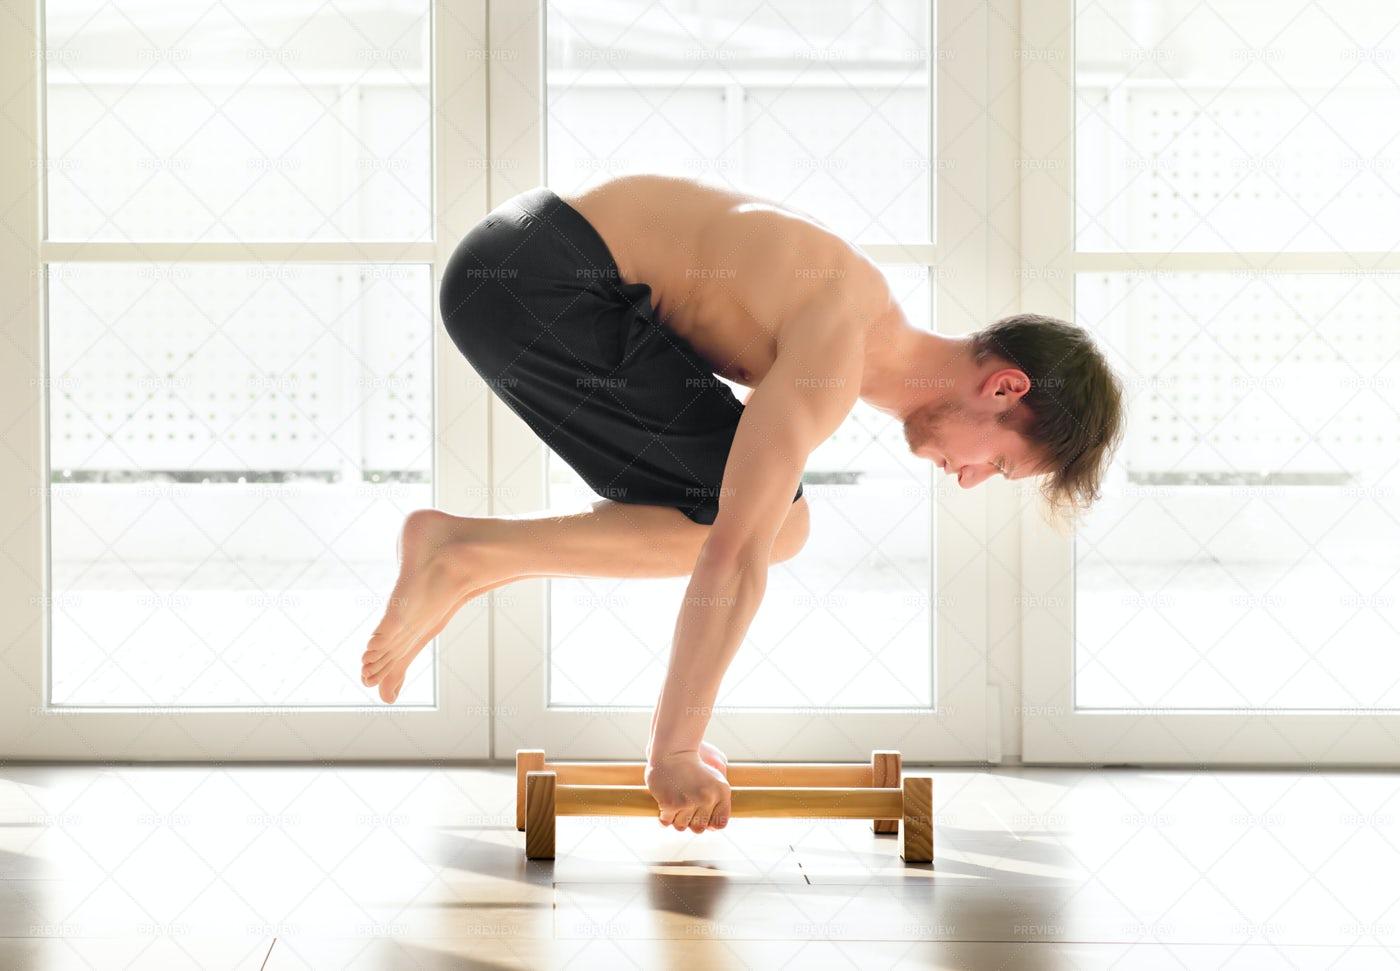 Man Doing A Calisthenics Pose: Stock Photos